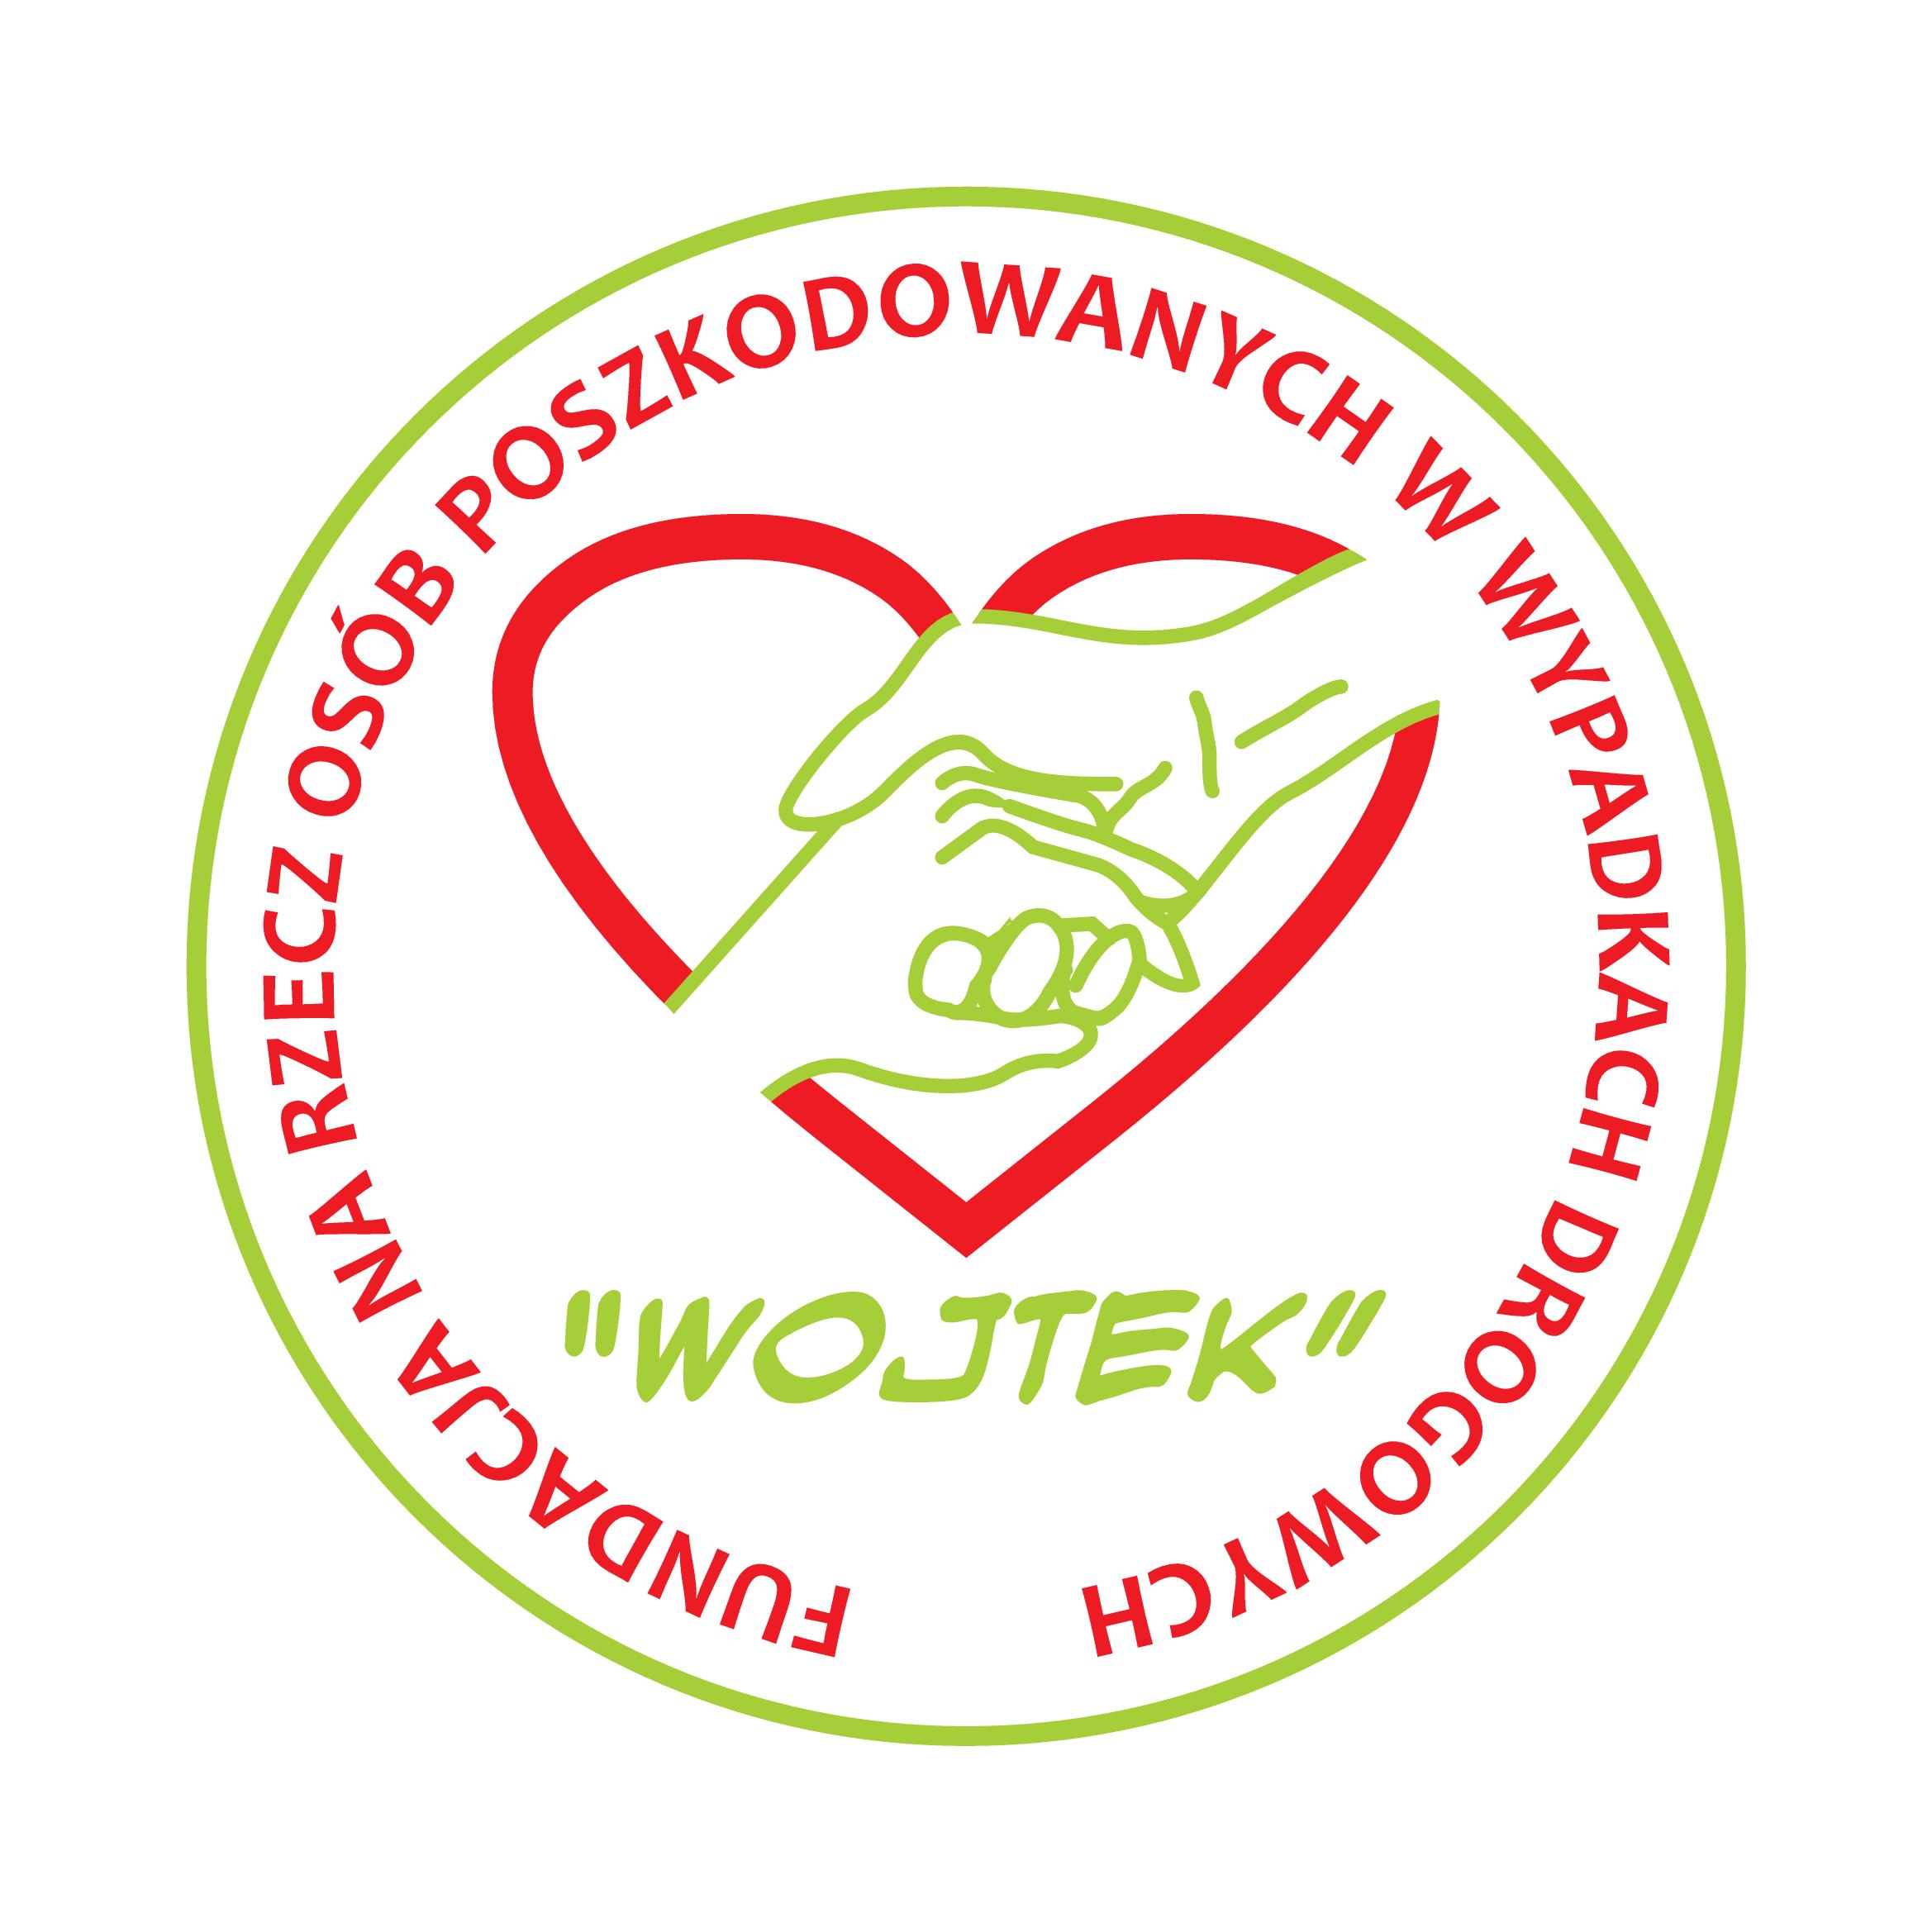 - fundacja_wojtek.jpg